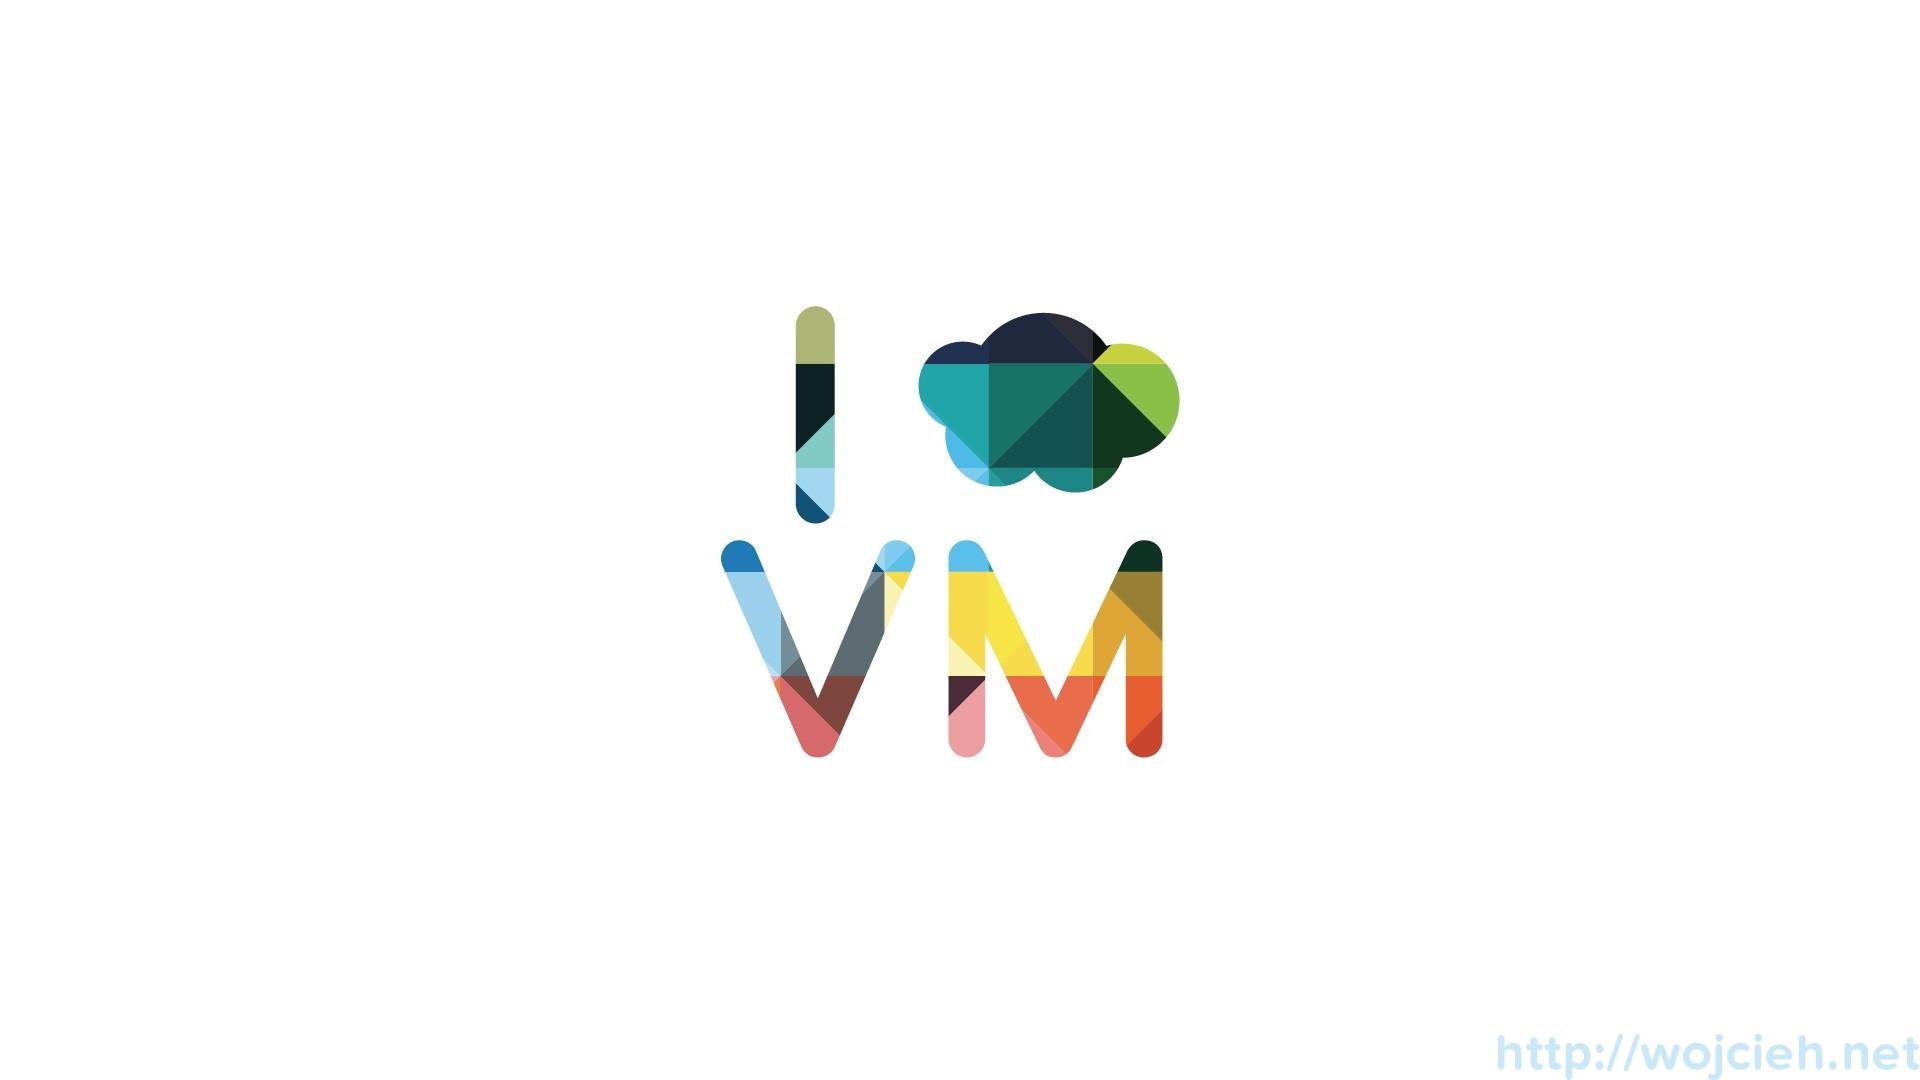 VMware Wallpaper - 9